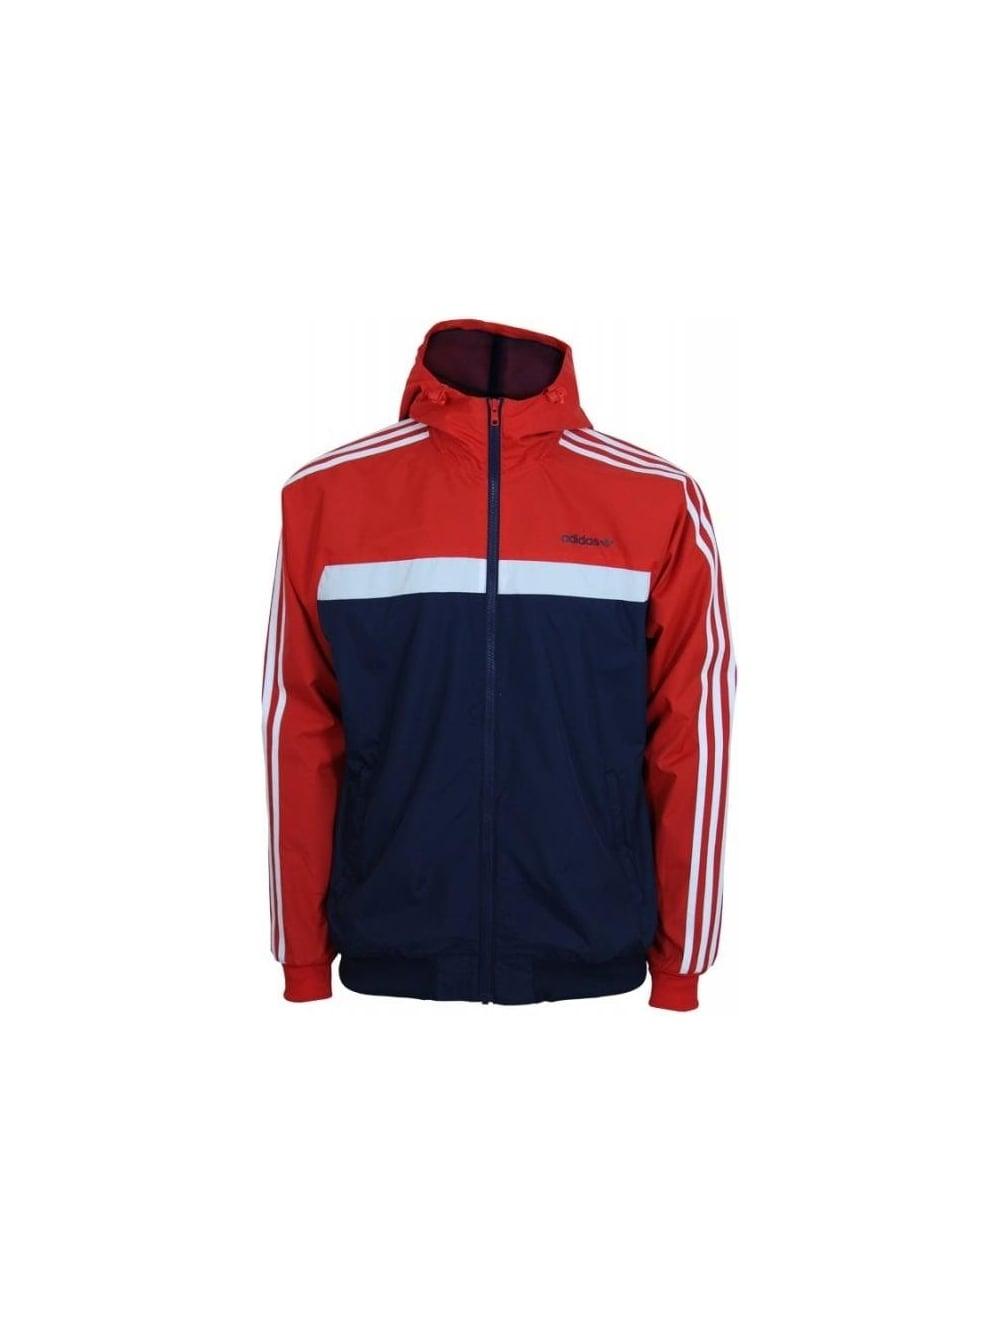 5b703dbcdc228 Adidas Originals Marathon 83 Windbreaker in Red - Northern Threads